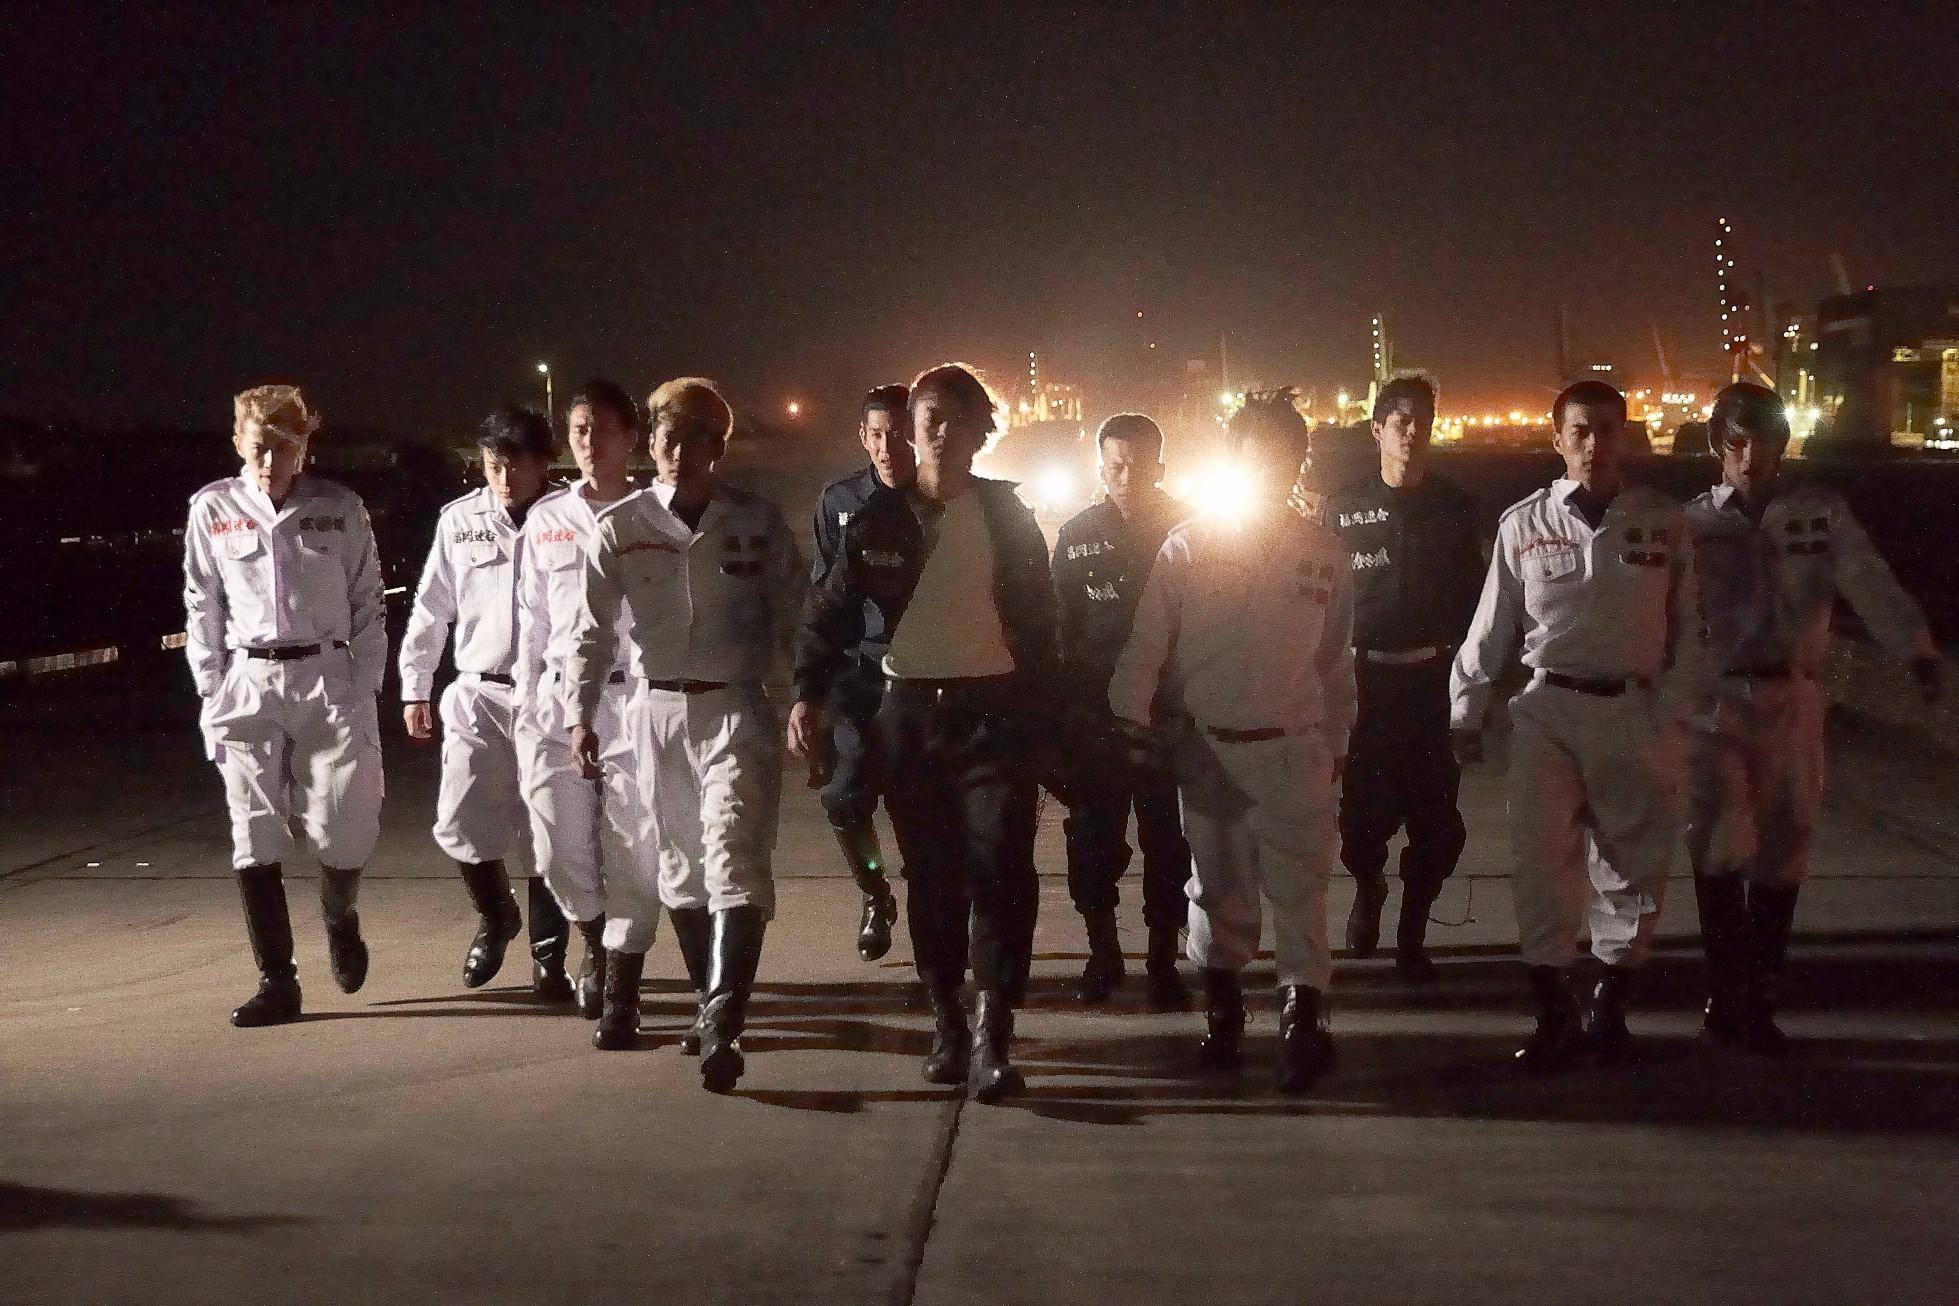 (C)よしもとクリエイティブ・エージェンシー/ワニブックス/秋田書店・ゆうはじめ (C)2017 映画『デメキン』製作委員会